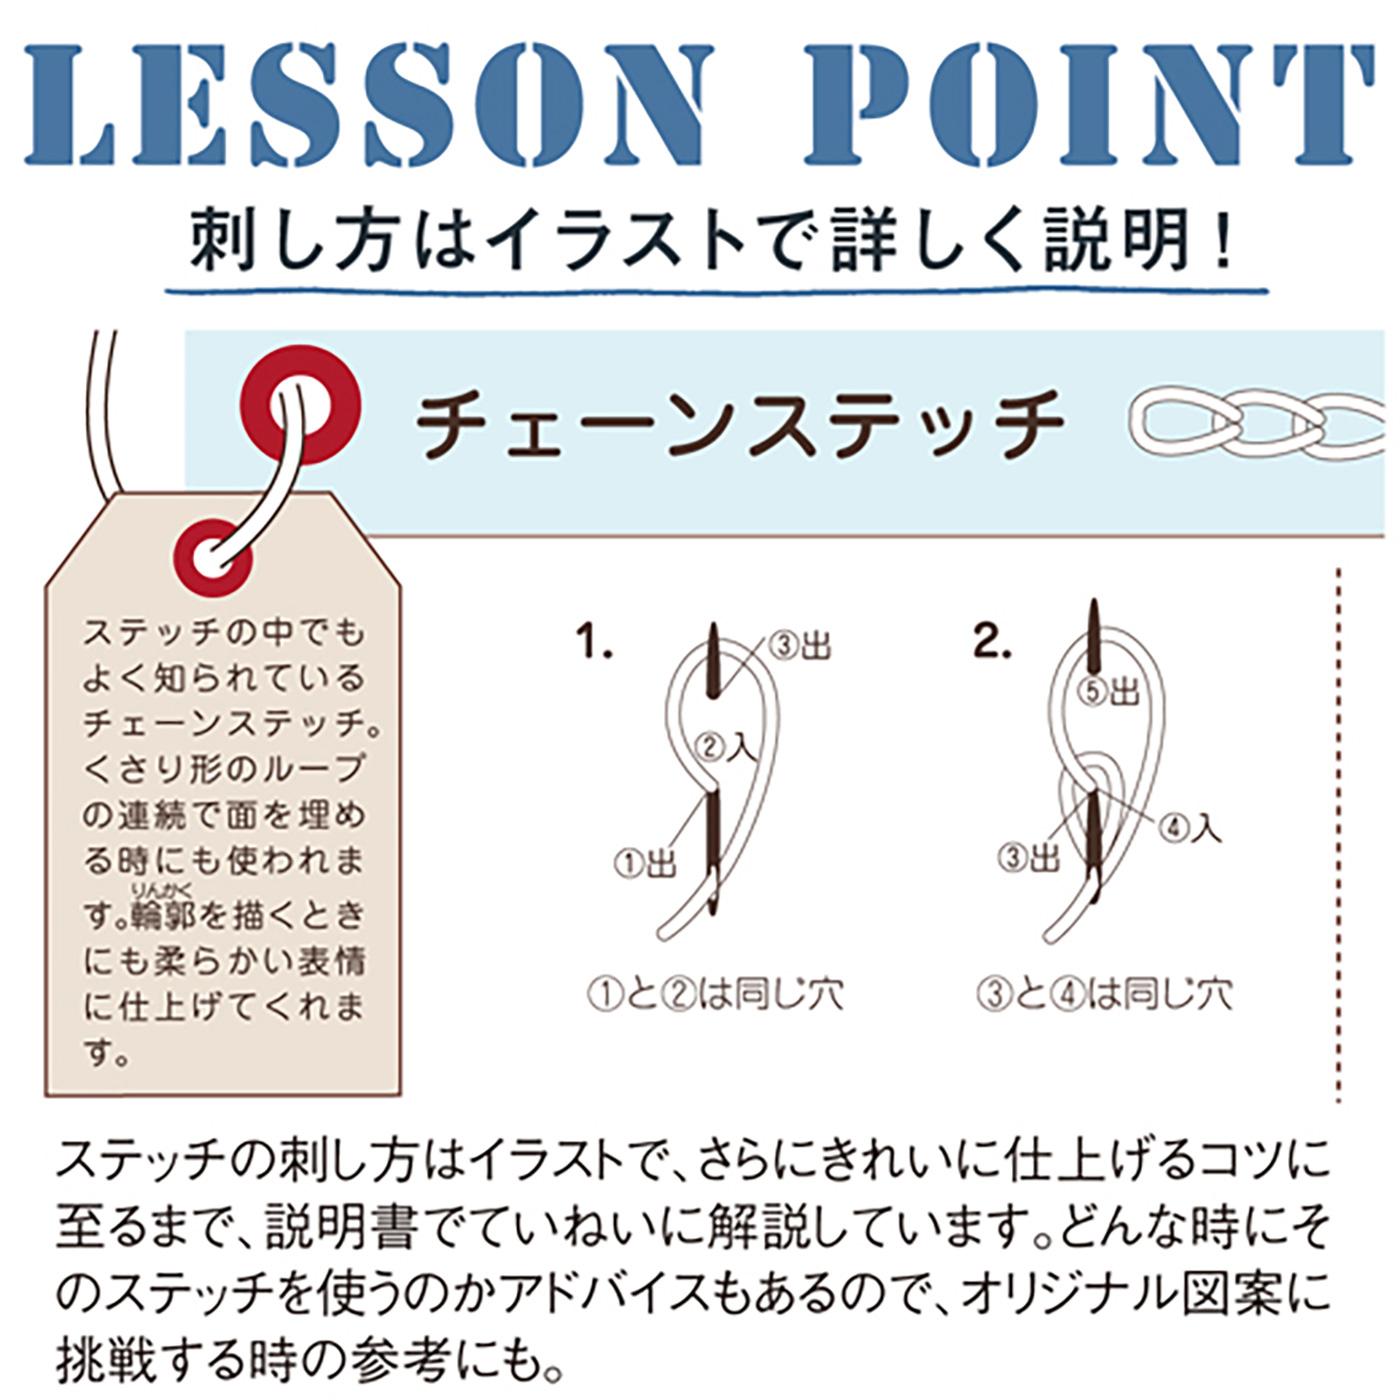 ステッチの刺し方はイラストで、さらにきれいに仕上げるコツに至るまで、説明書でていねいに解説しています。どんな時にそのステッチを使うのかアドバイスもあるので、オリジナル図案に挑戦する時の参考にも。